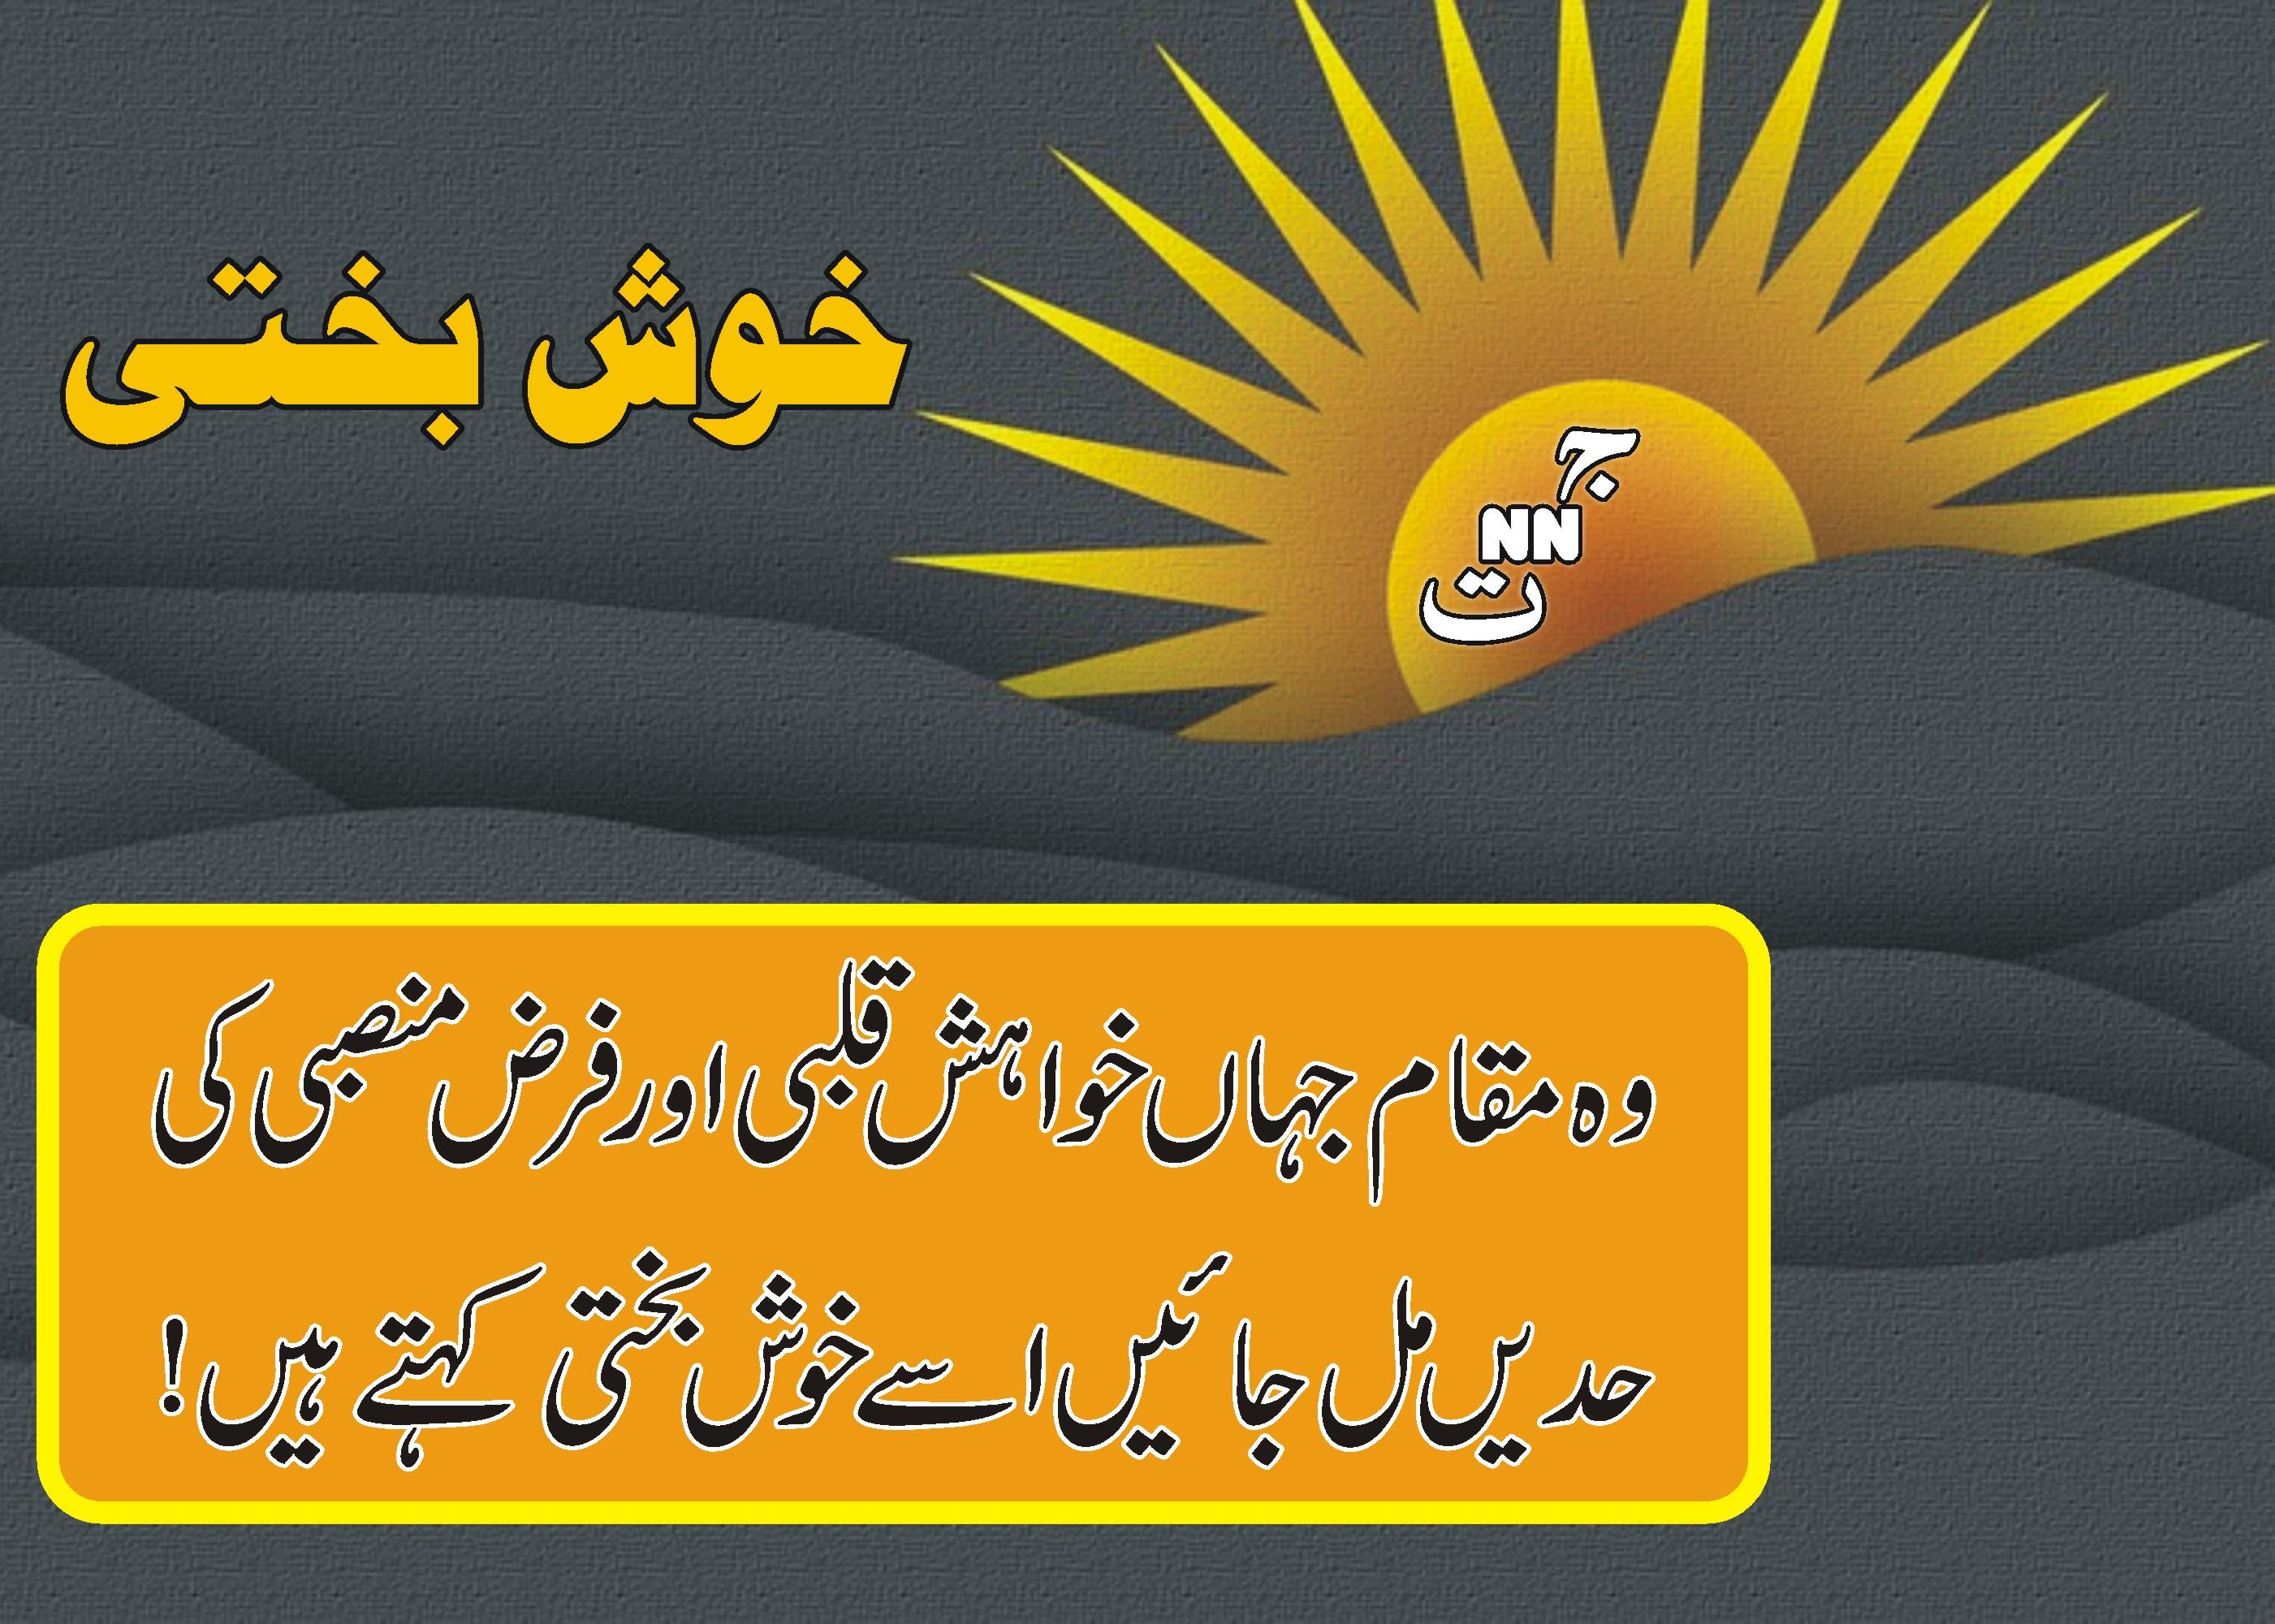 Khush Bakhty.JPG